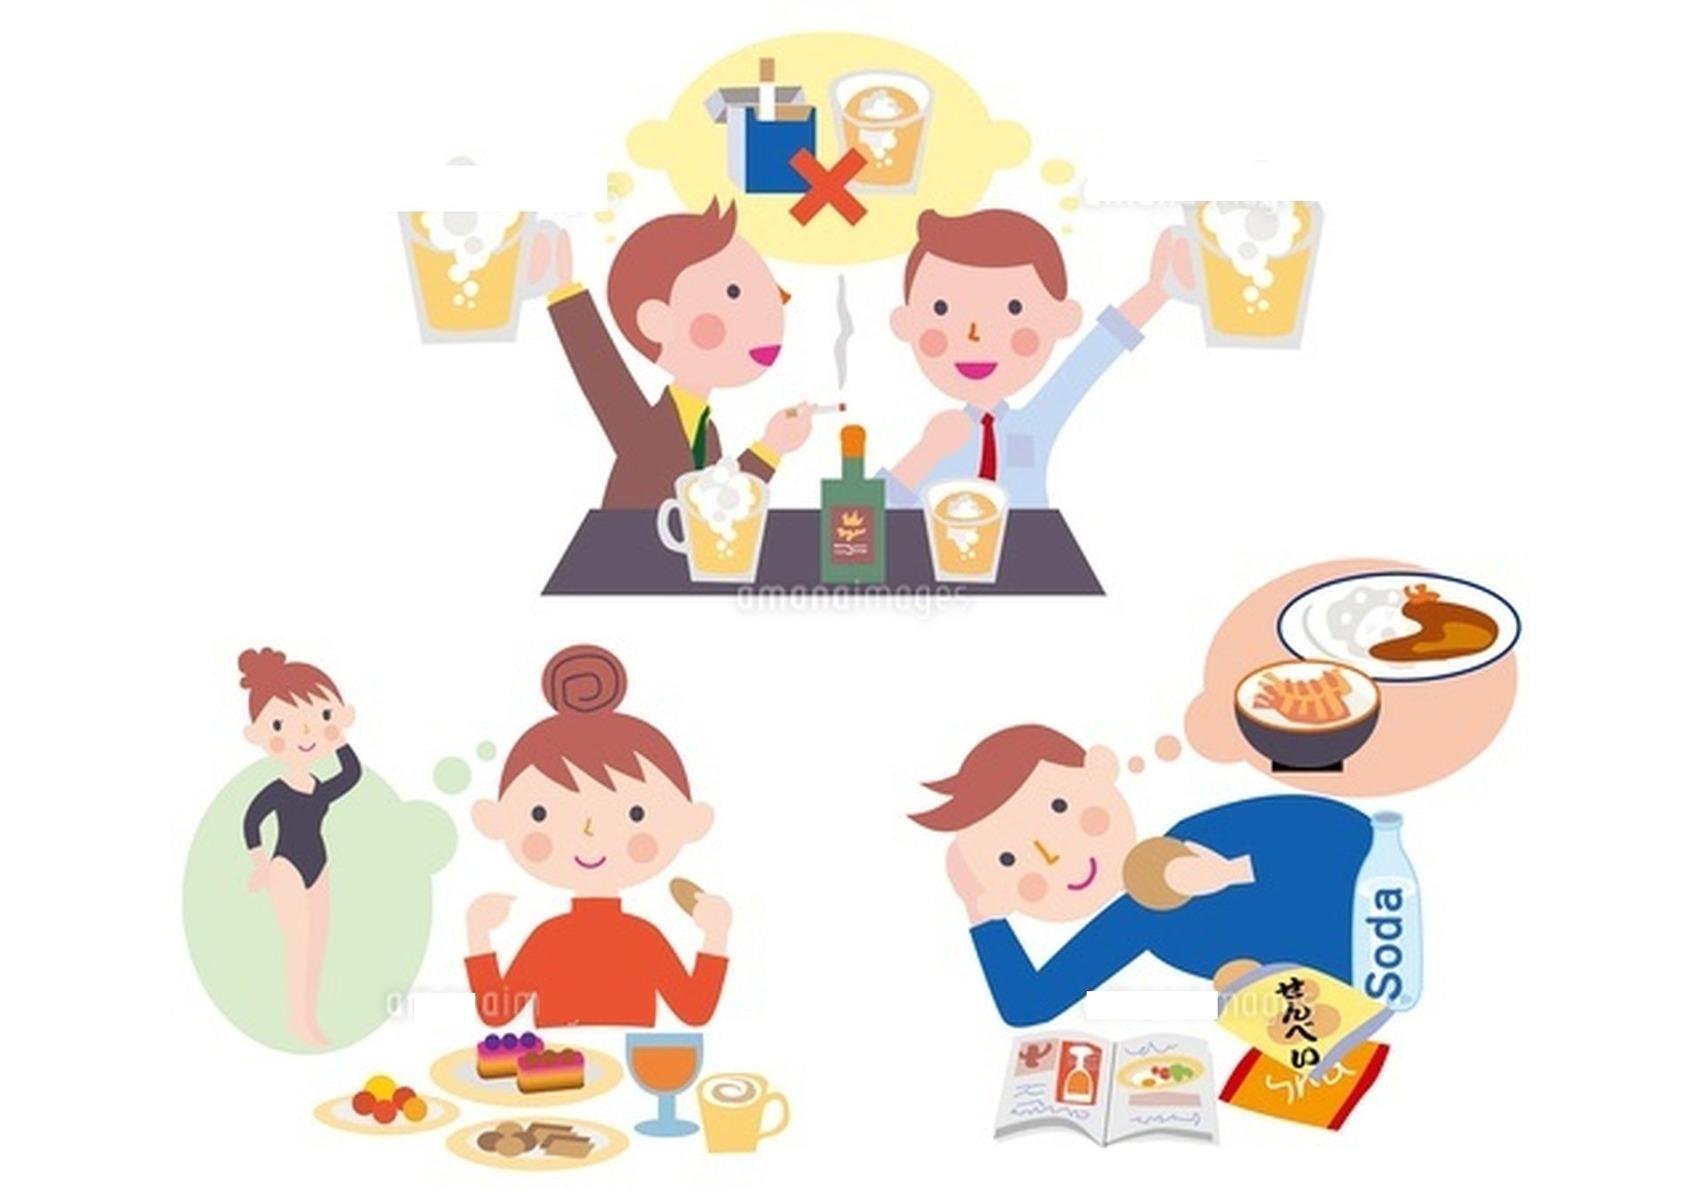 生活習慣病の注意暴飲暴食